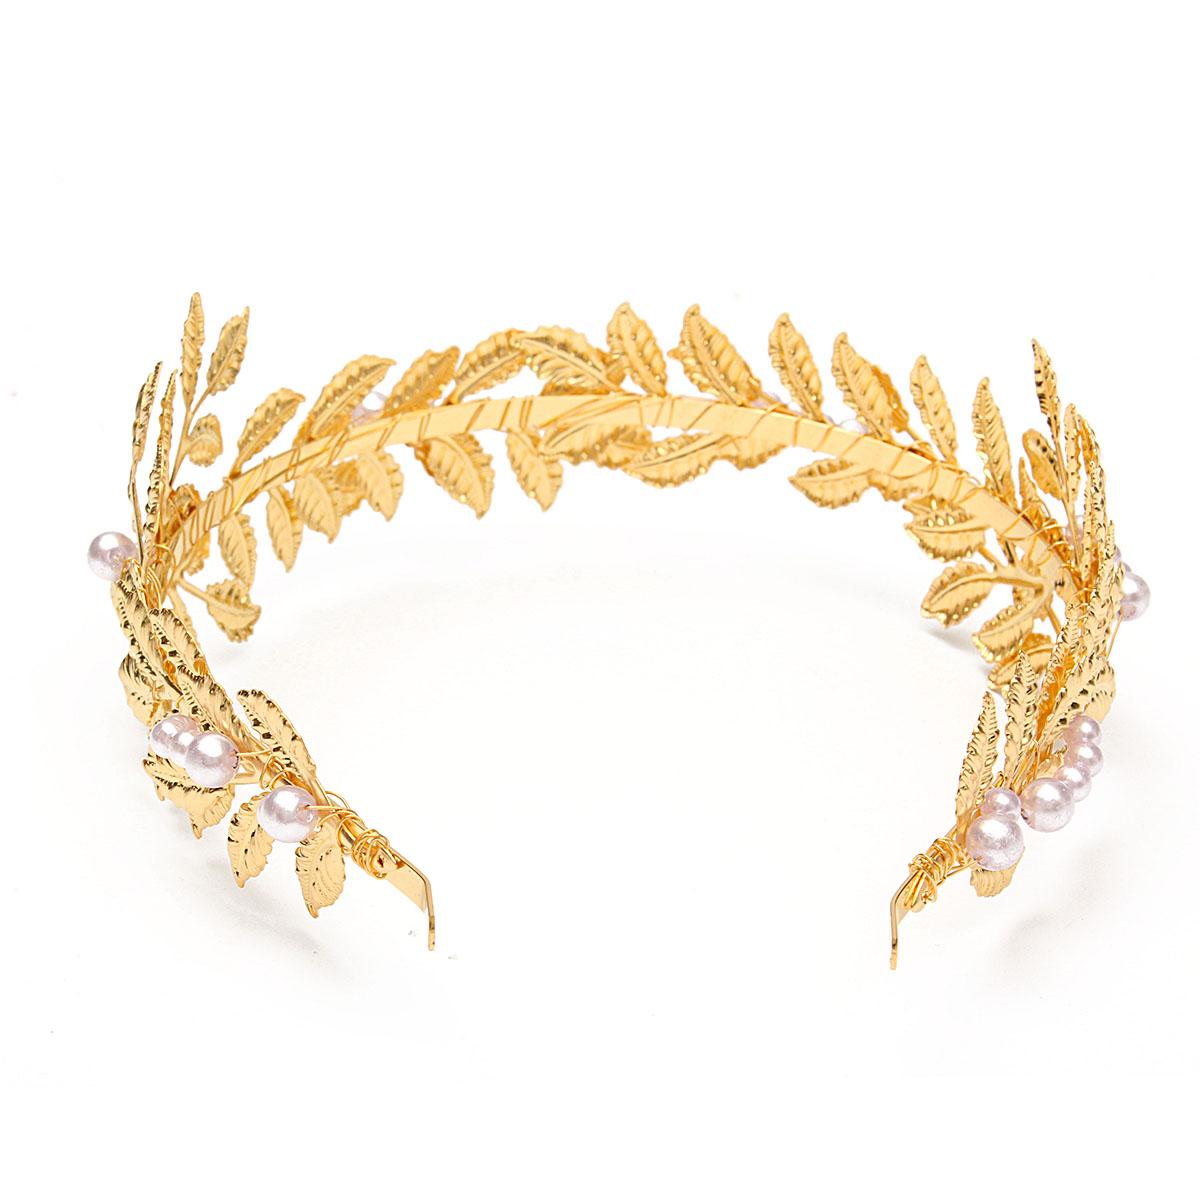 Women Bridal Wedding Prom Gold Pearl Leaf Hair Band Headband Tiara  Accessories  5e7b23d7a4e